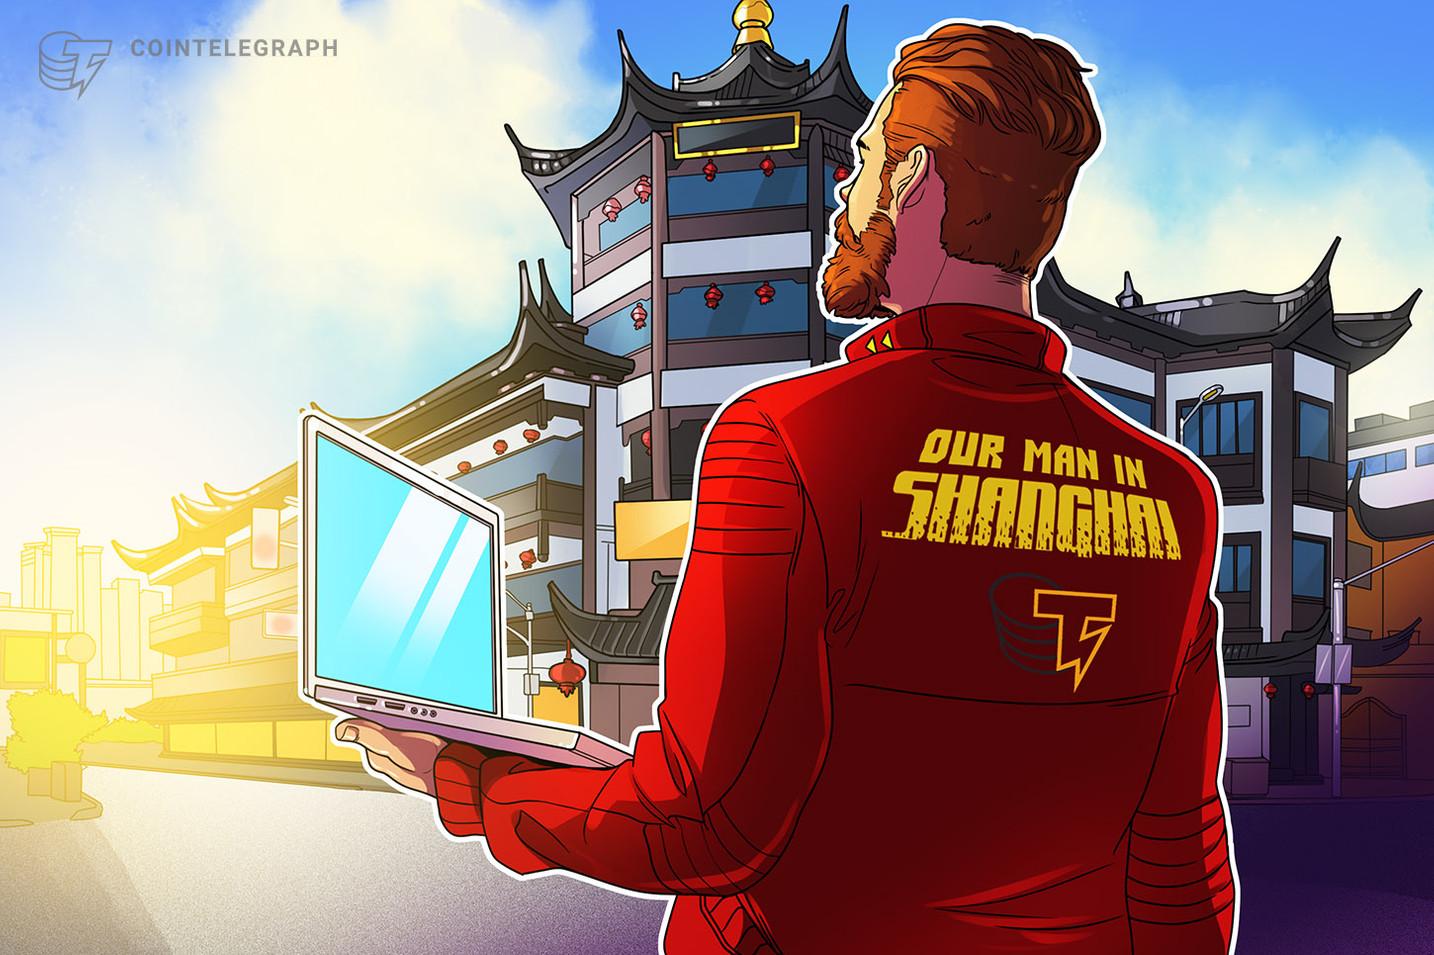 Homem de Xangai: A criptografia é fechada, as más notícias apenas se repetem, as leis de mineração são benéficas?